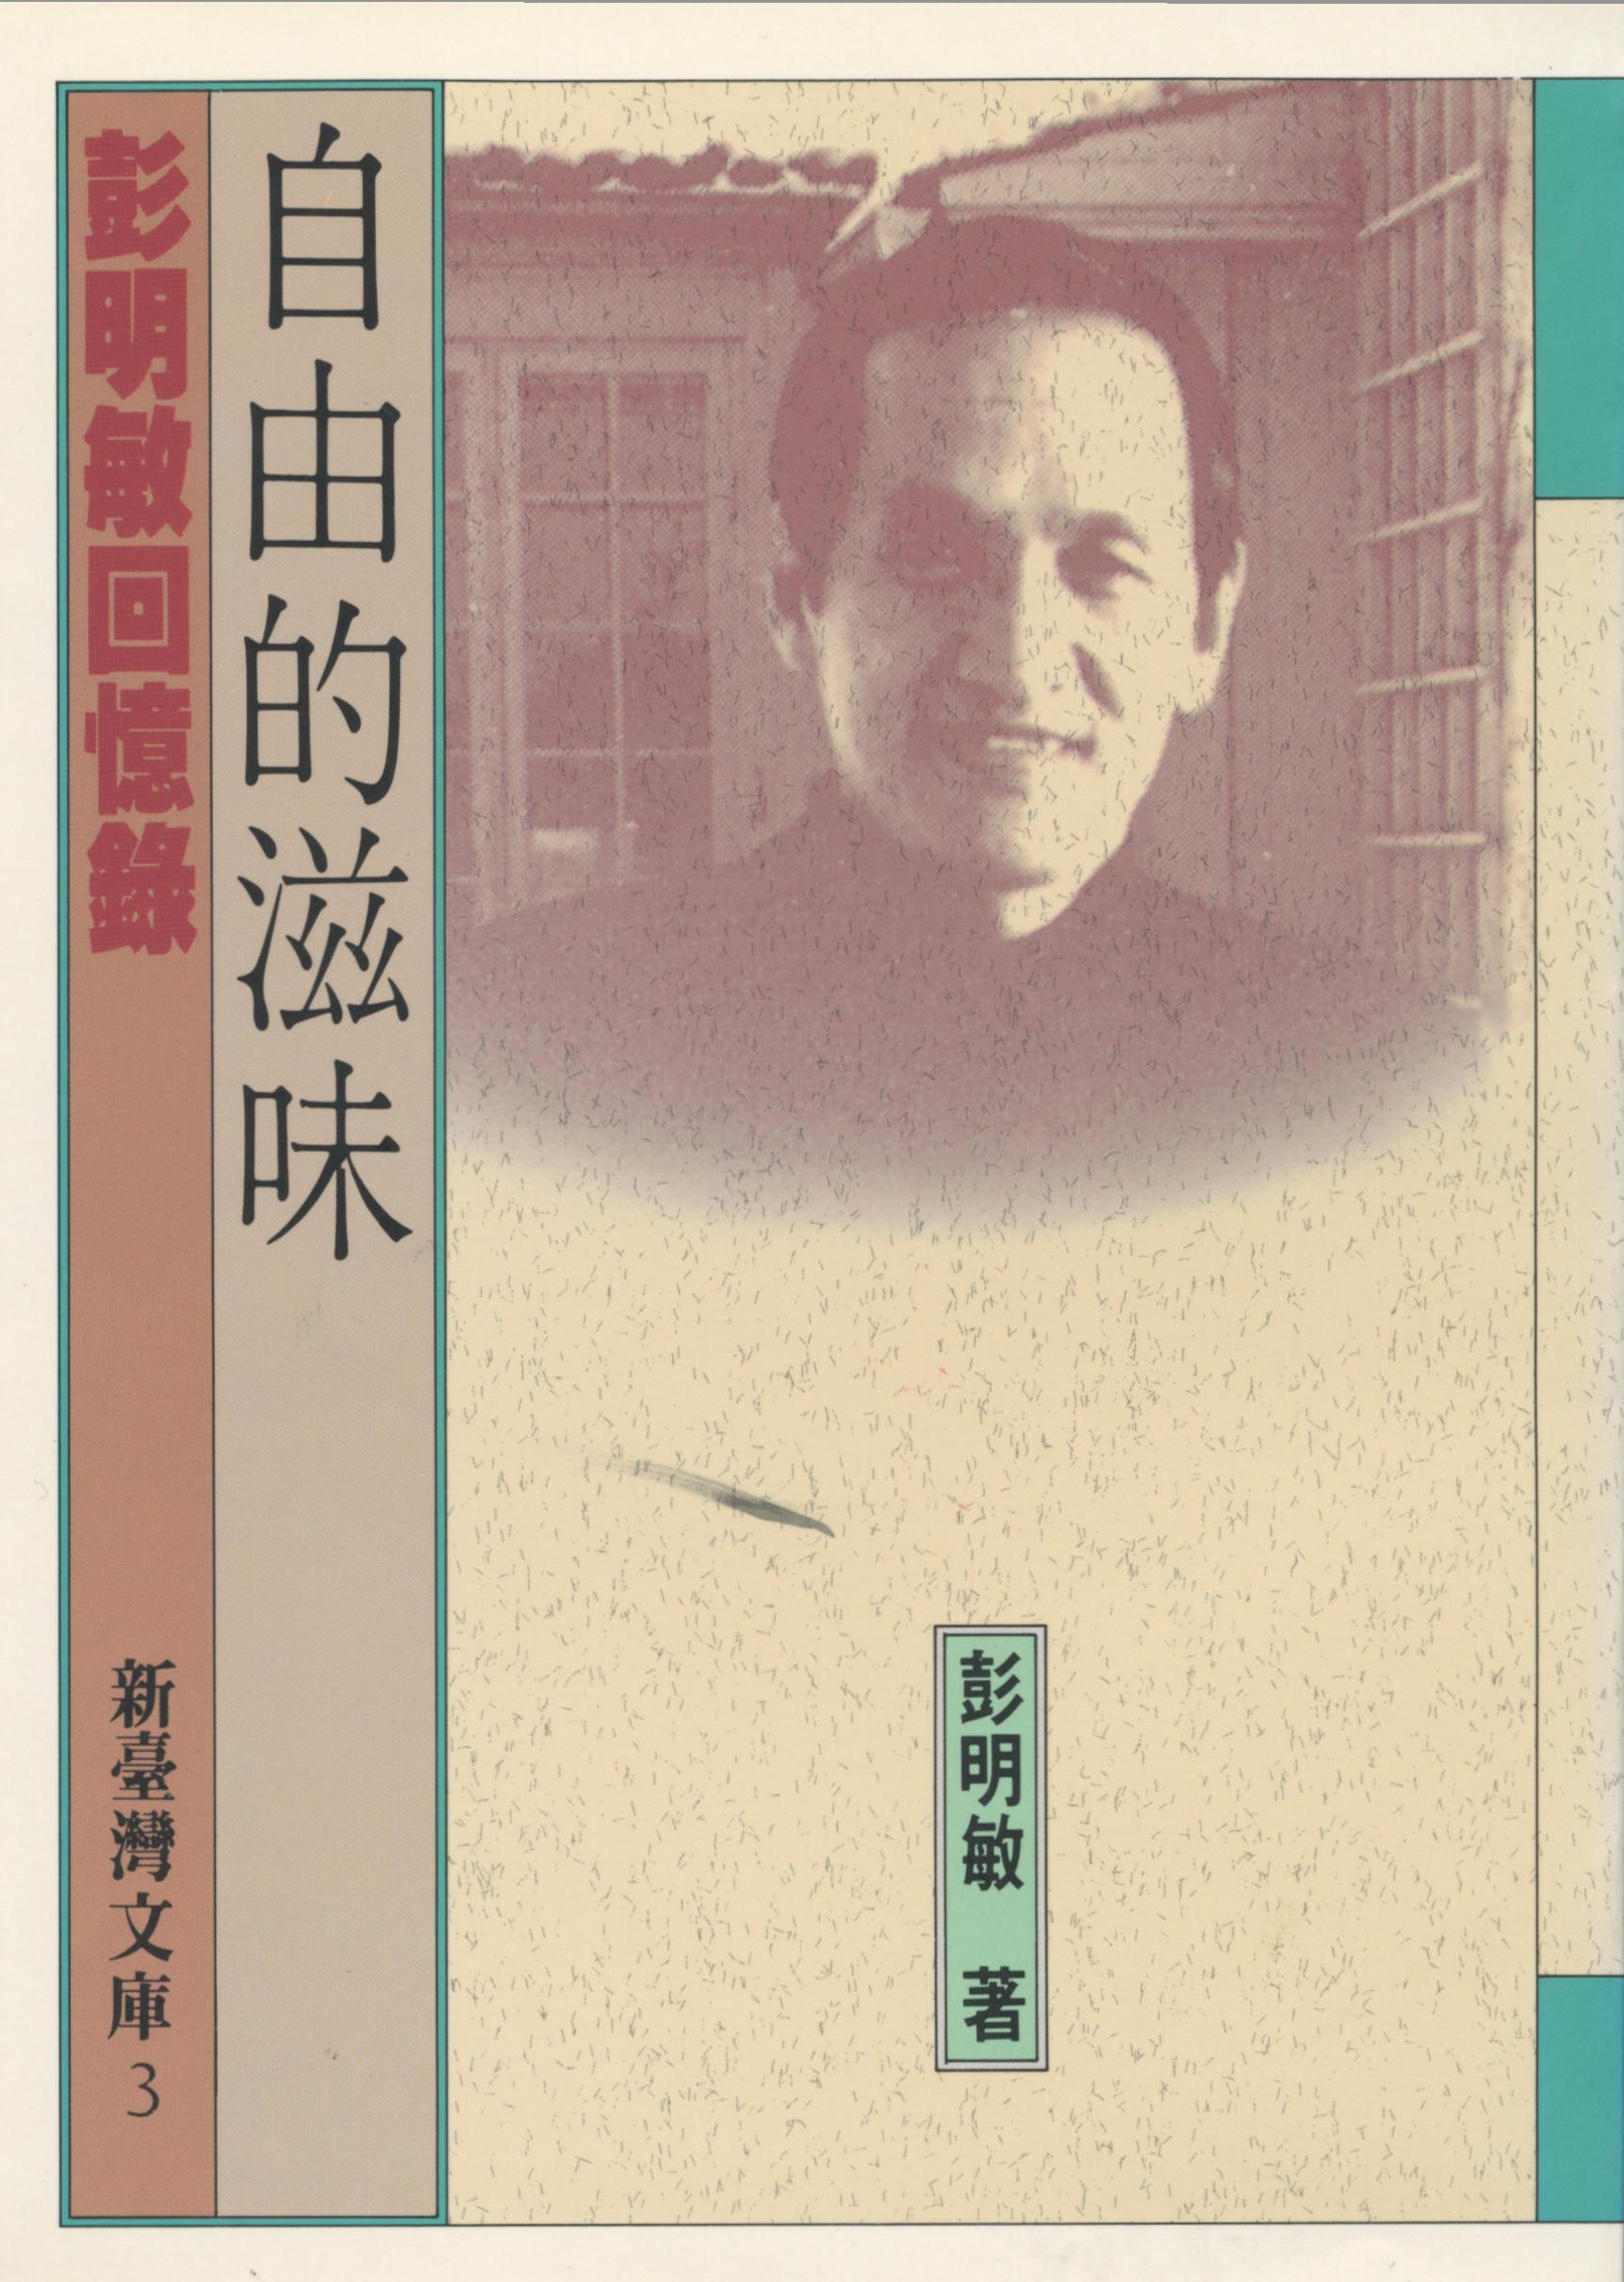 456. 自由的滋味 – 彭明敏回憶錄 / 彭明敏 /1988/09 / 傳記